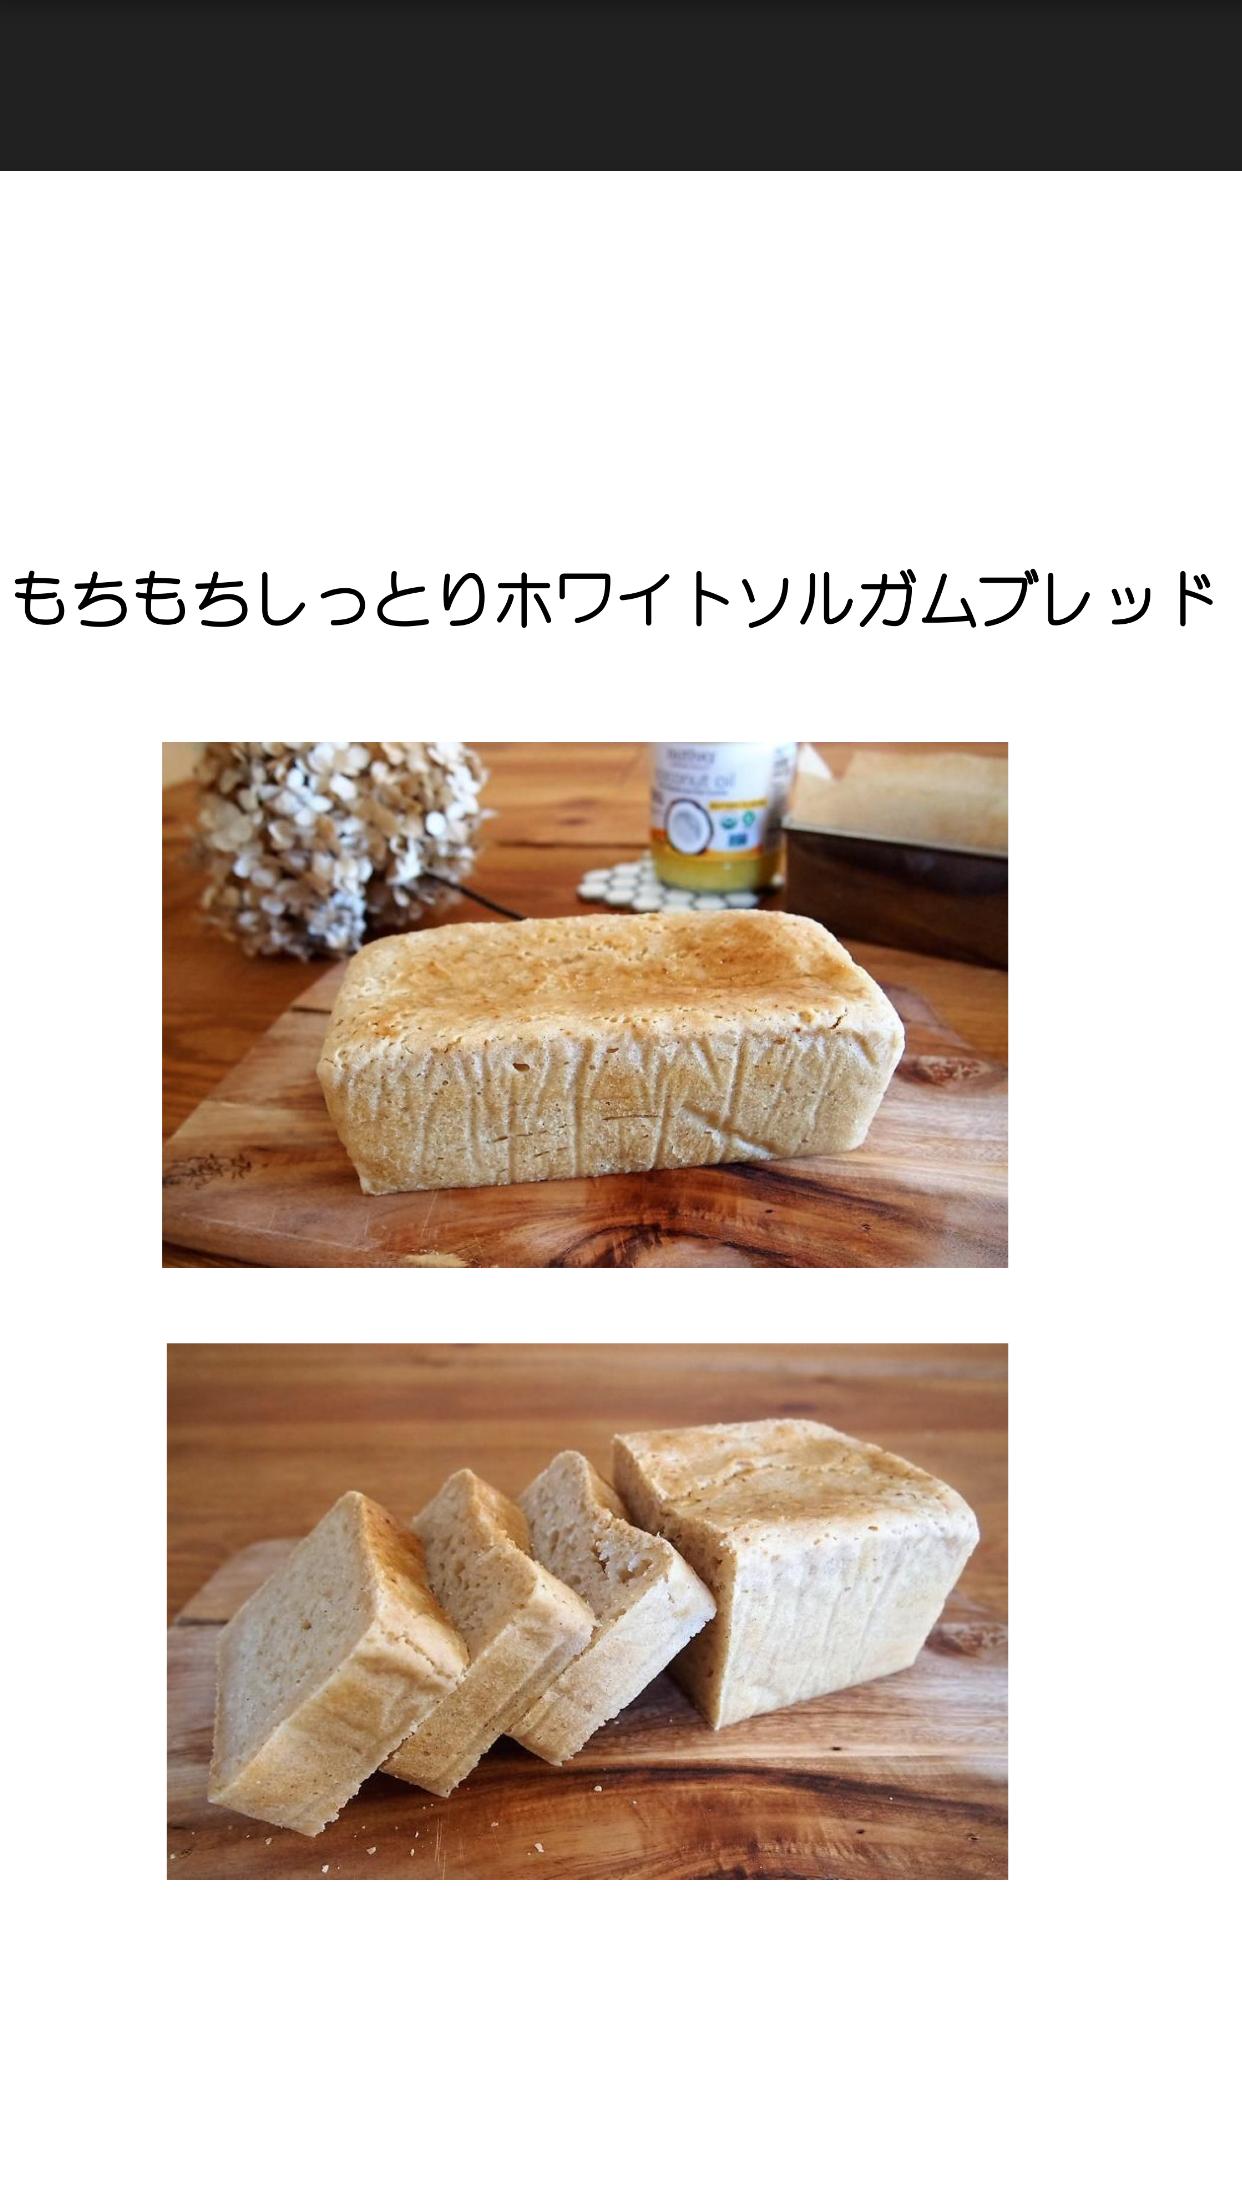 ☆レシピ付き もっちりしっとりホワイトソルガムブレッド<L>ブレッドキット